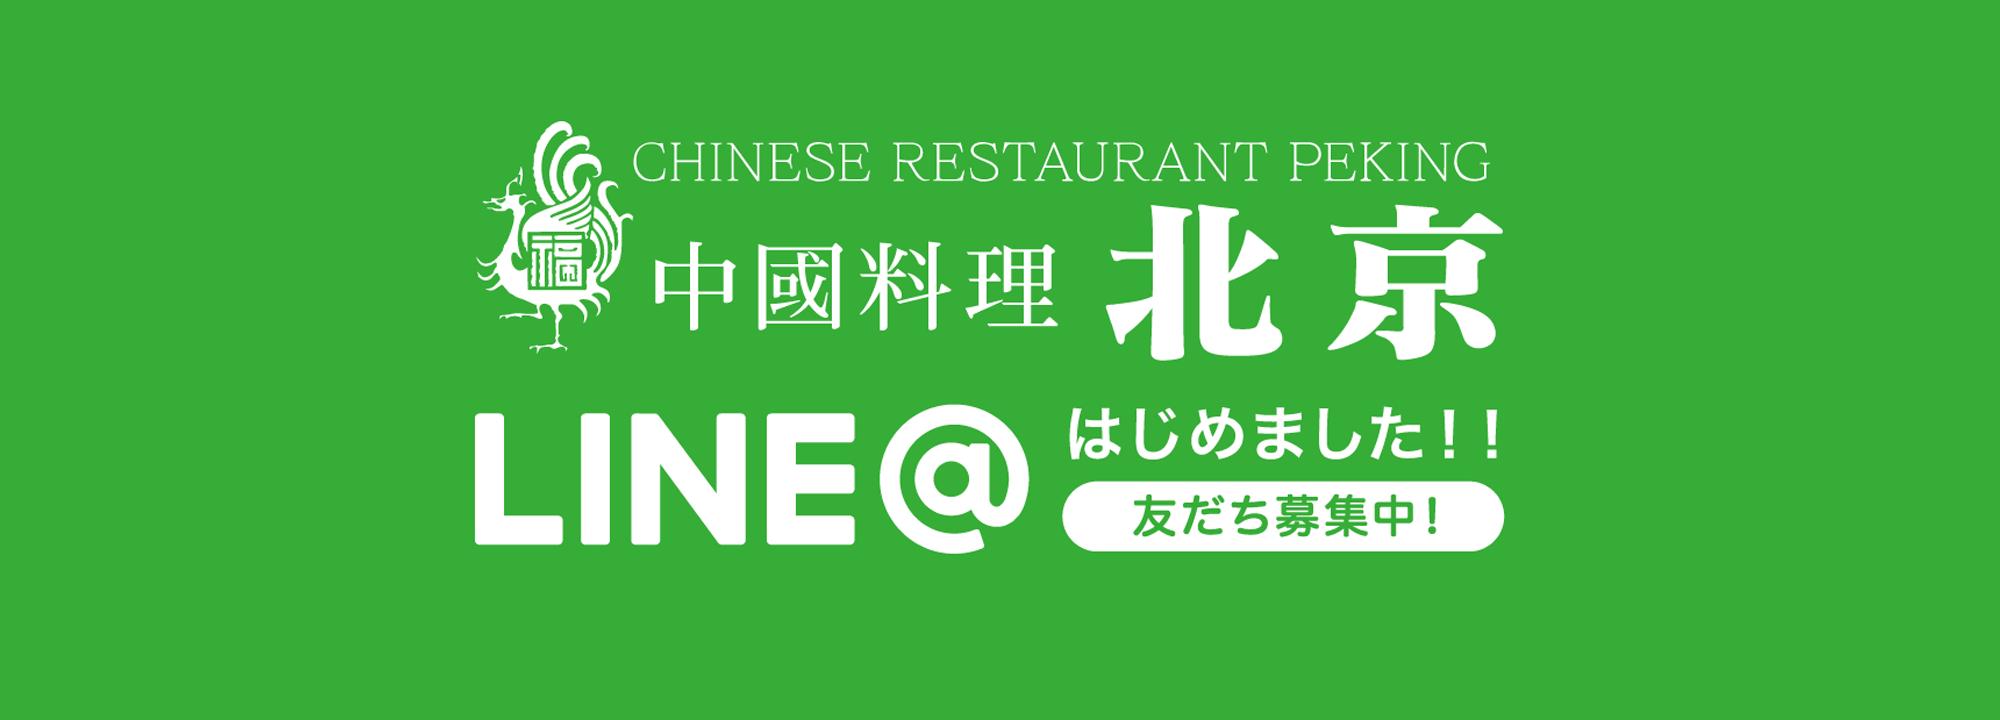 中國料理 北京 LINE@友だち募集中!